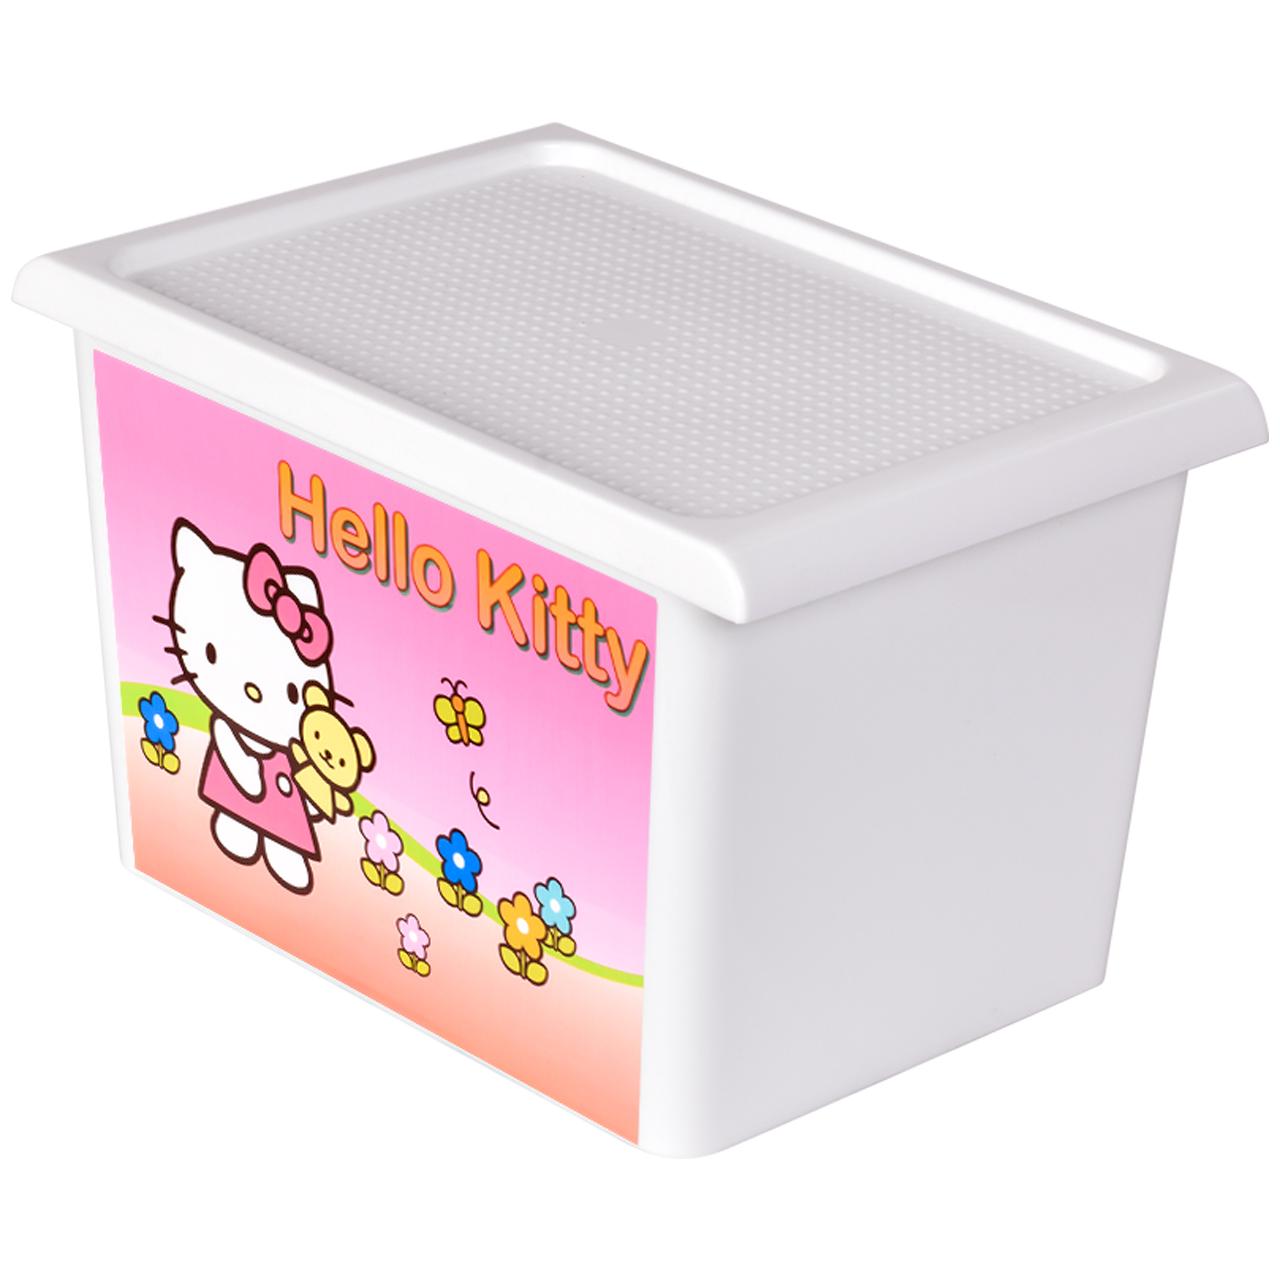 جعبه اسباب بازی کودک مهروز مدل DOP-HELLO KITTY